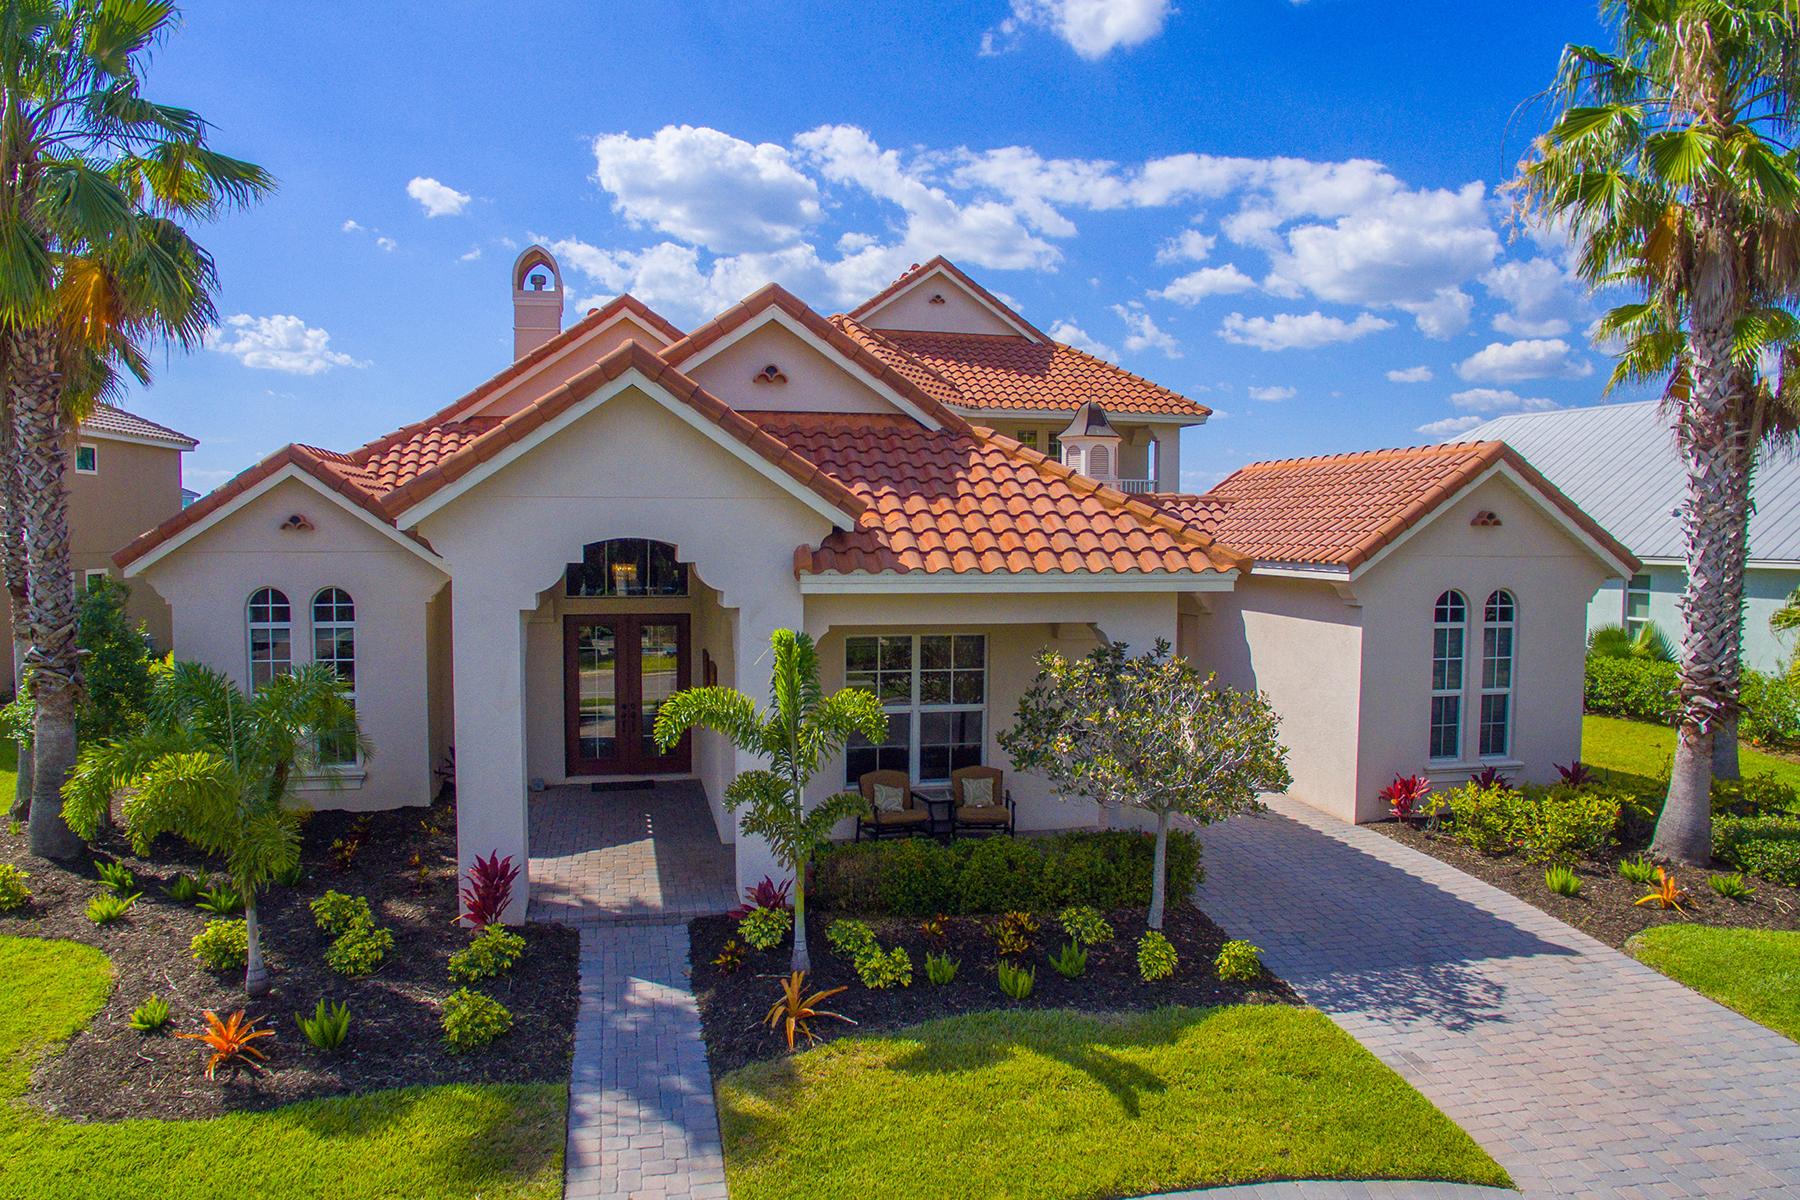 Maison unifamiliale pour l Vente à THE RESERVE AT HARBOUR WALK 548 Fore Dr Bradenton, Florida, 34208 États-Unis